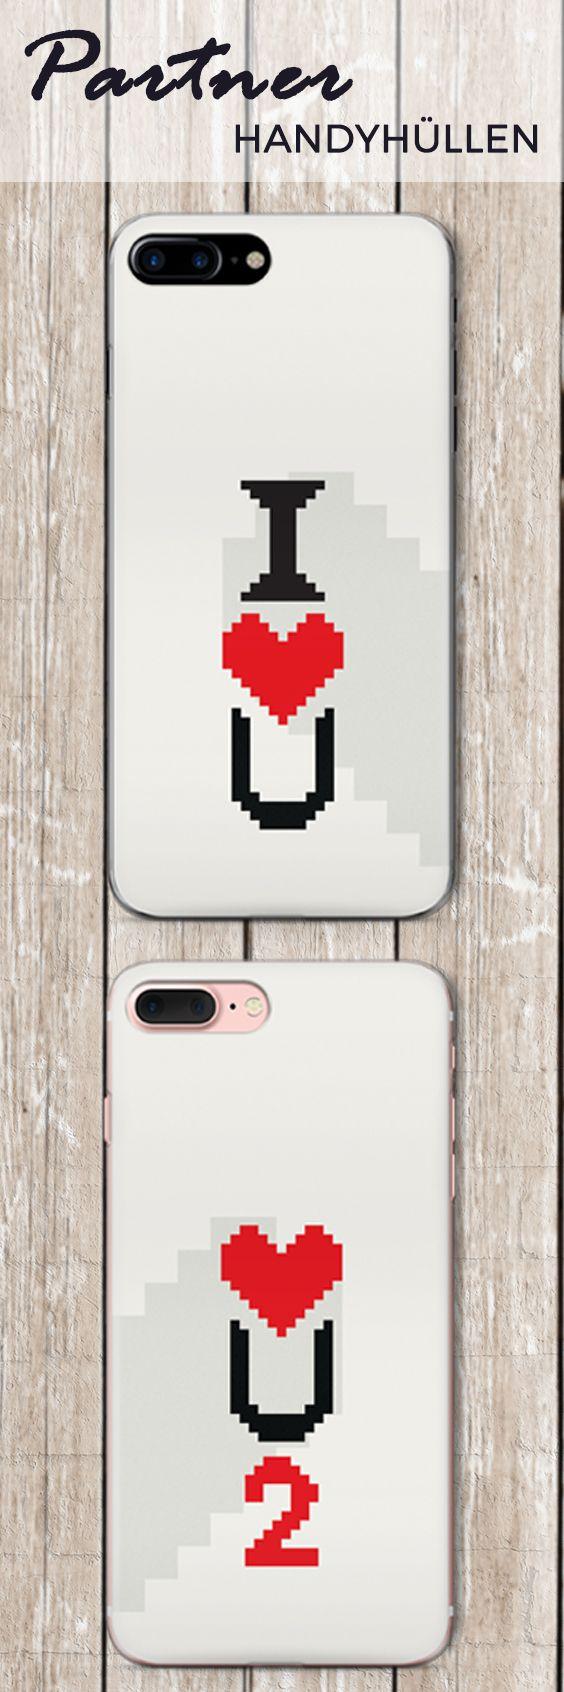 Partner Liebes Handyhüllen - Design: I love you - love u 2 / Gaming Liebe Pärchen